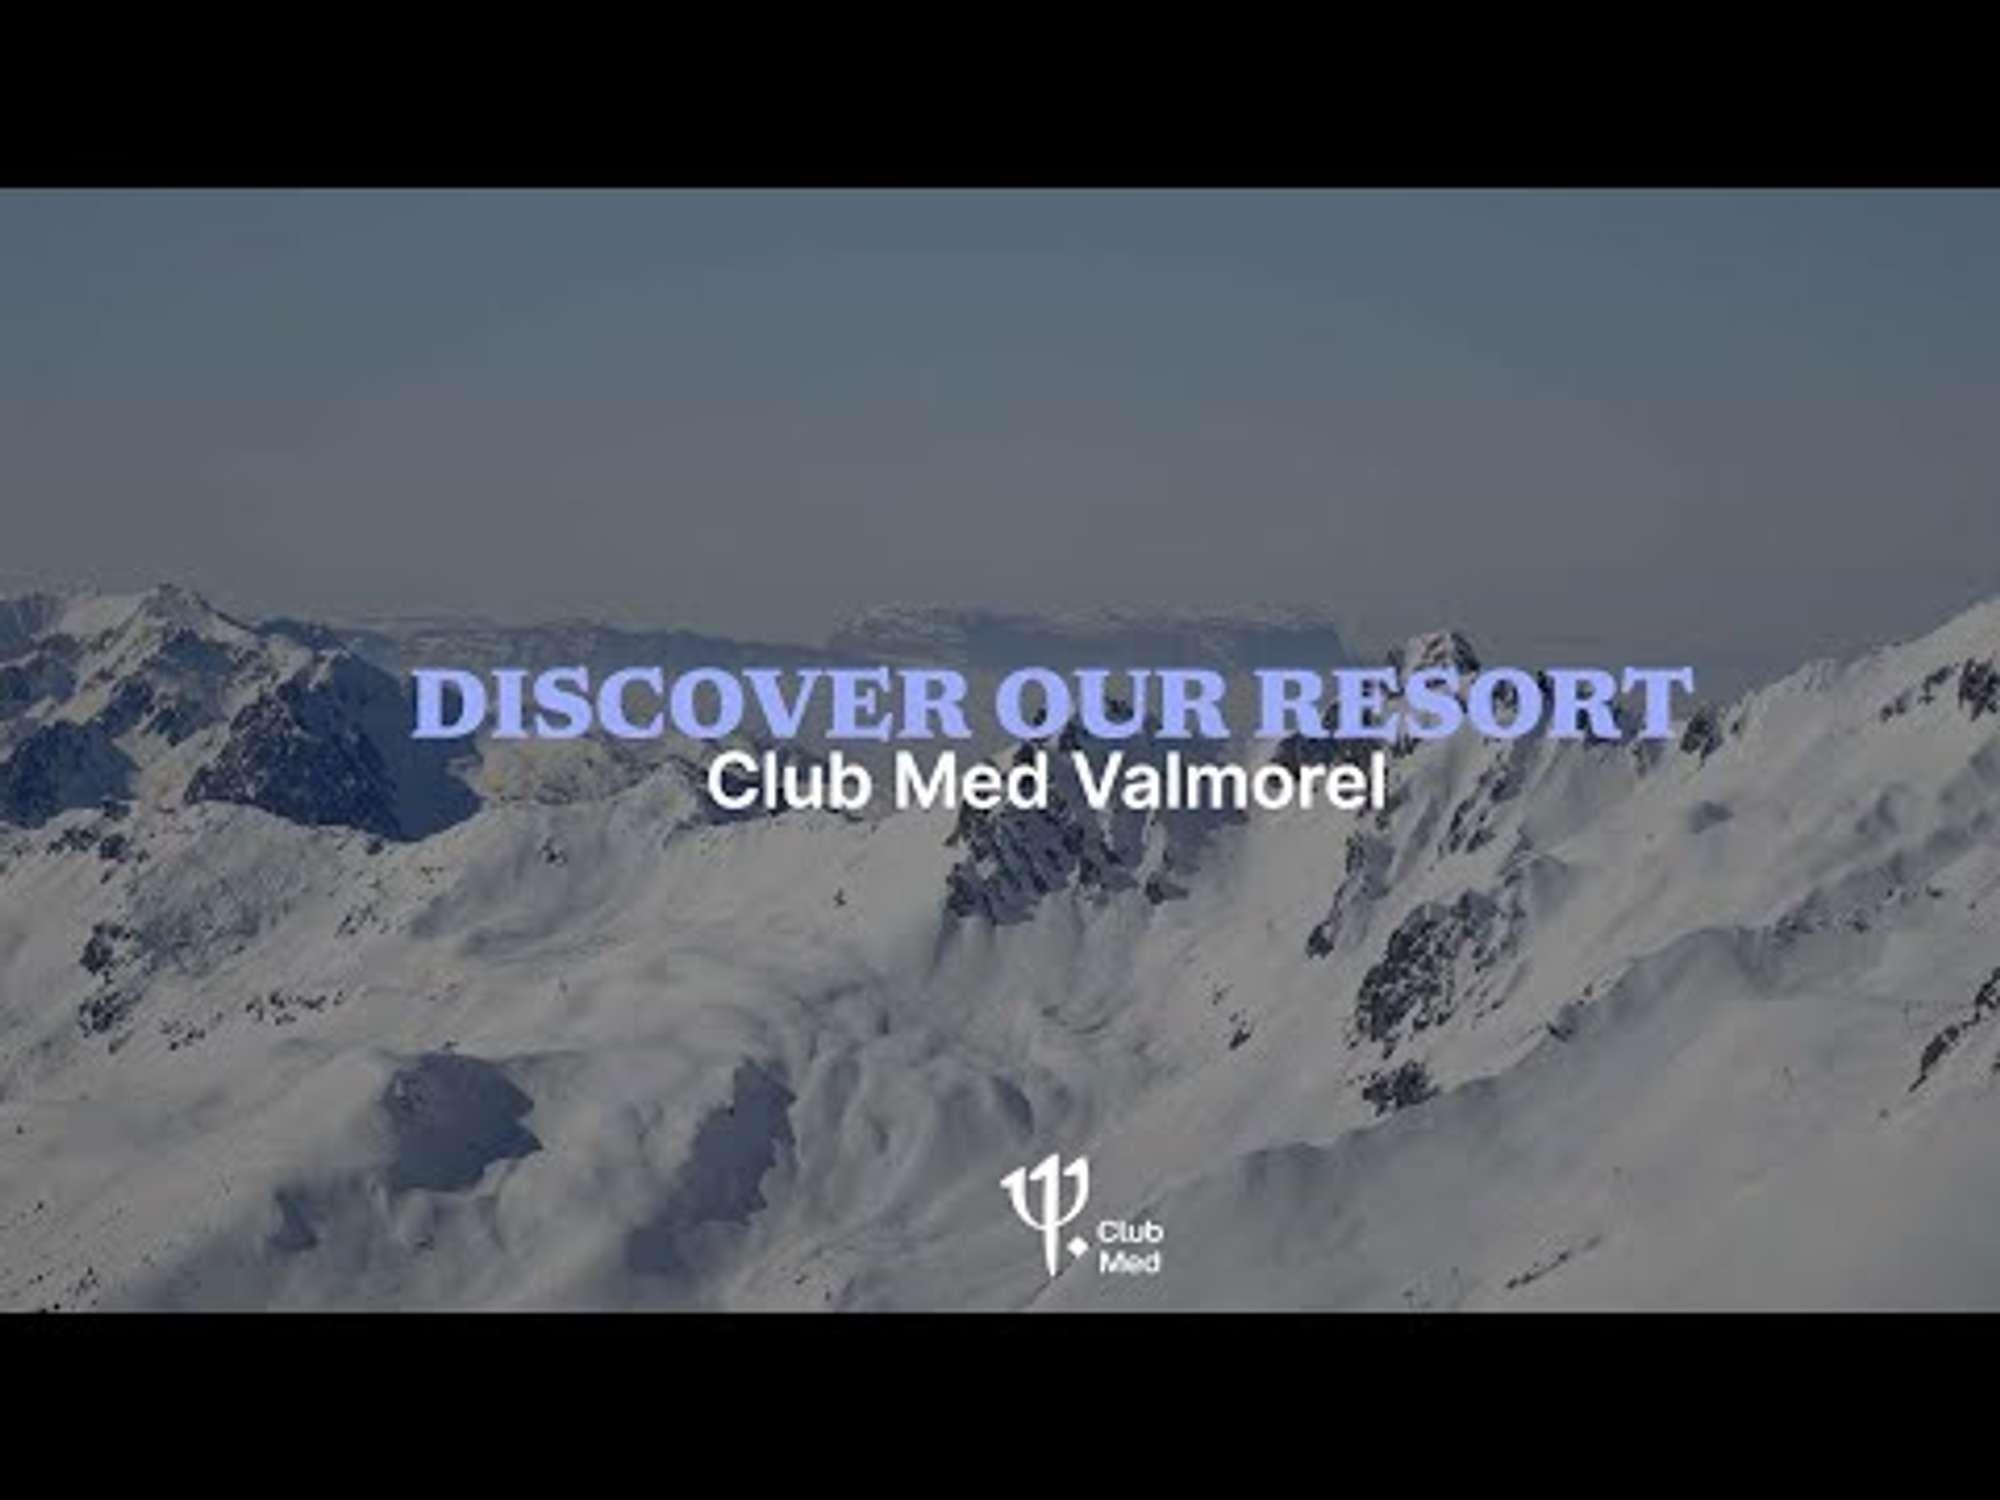 Ouvrir la galerie Valmorel Vidéos à la photo 1